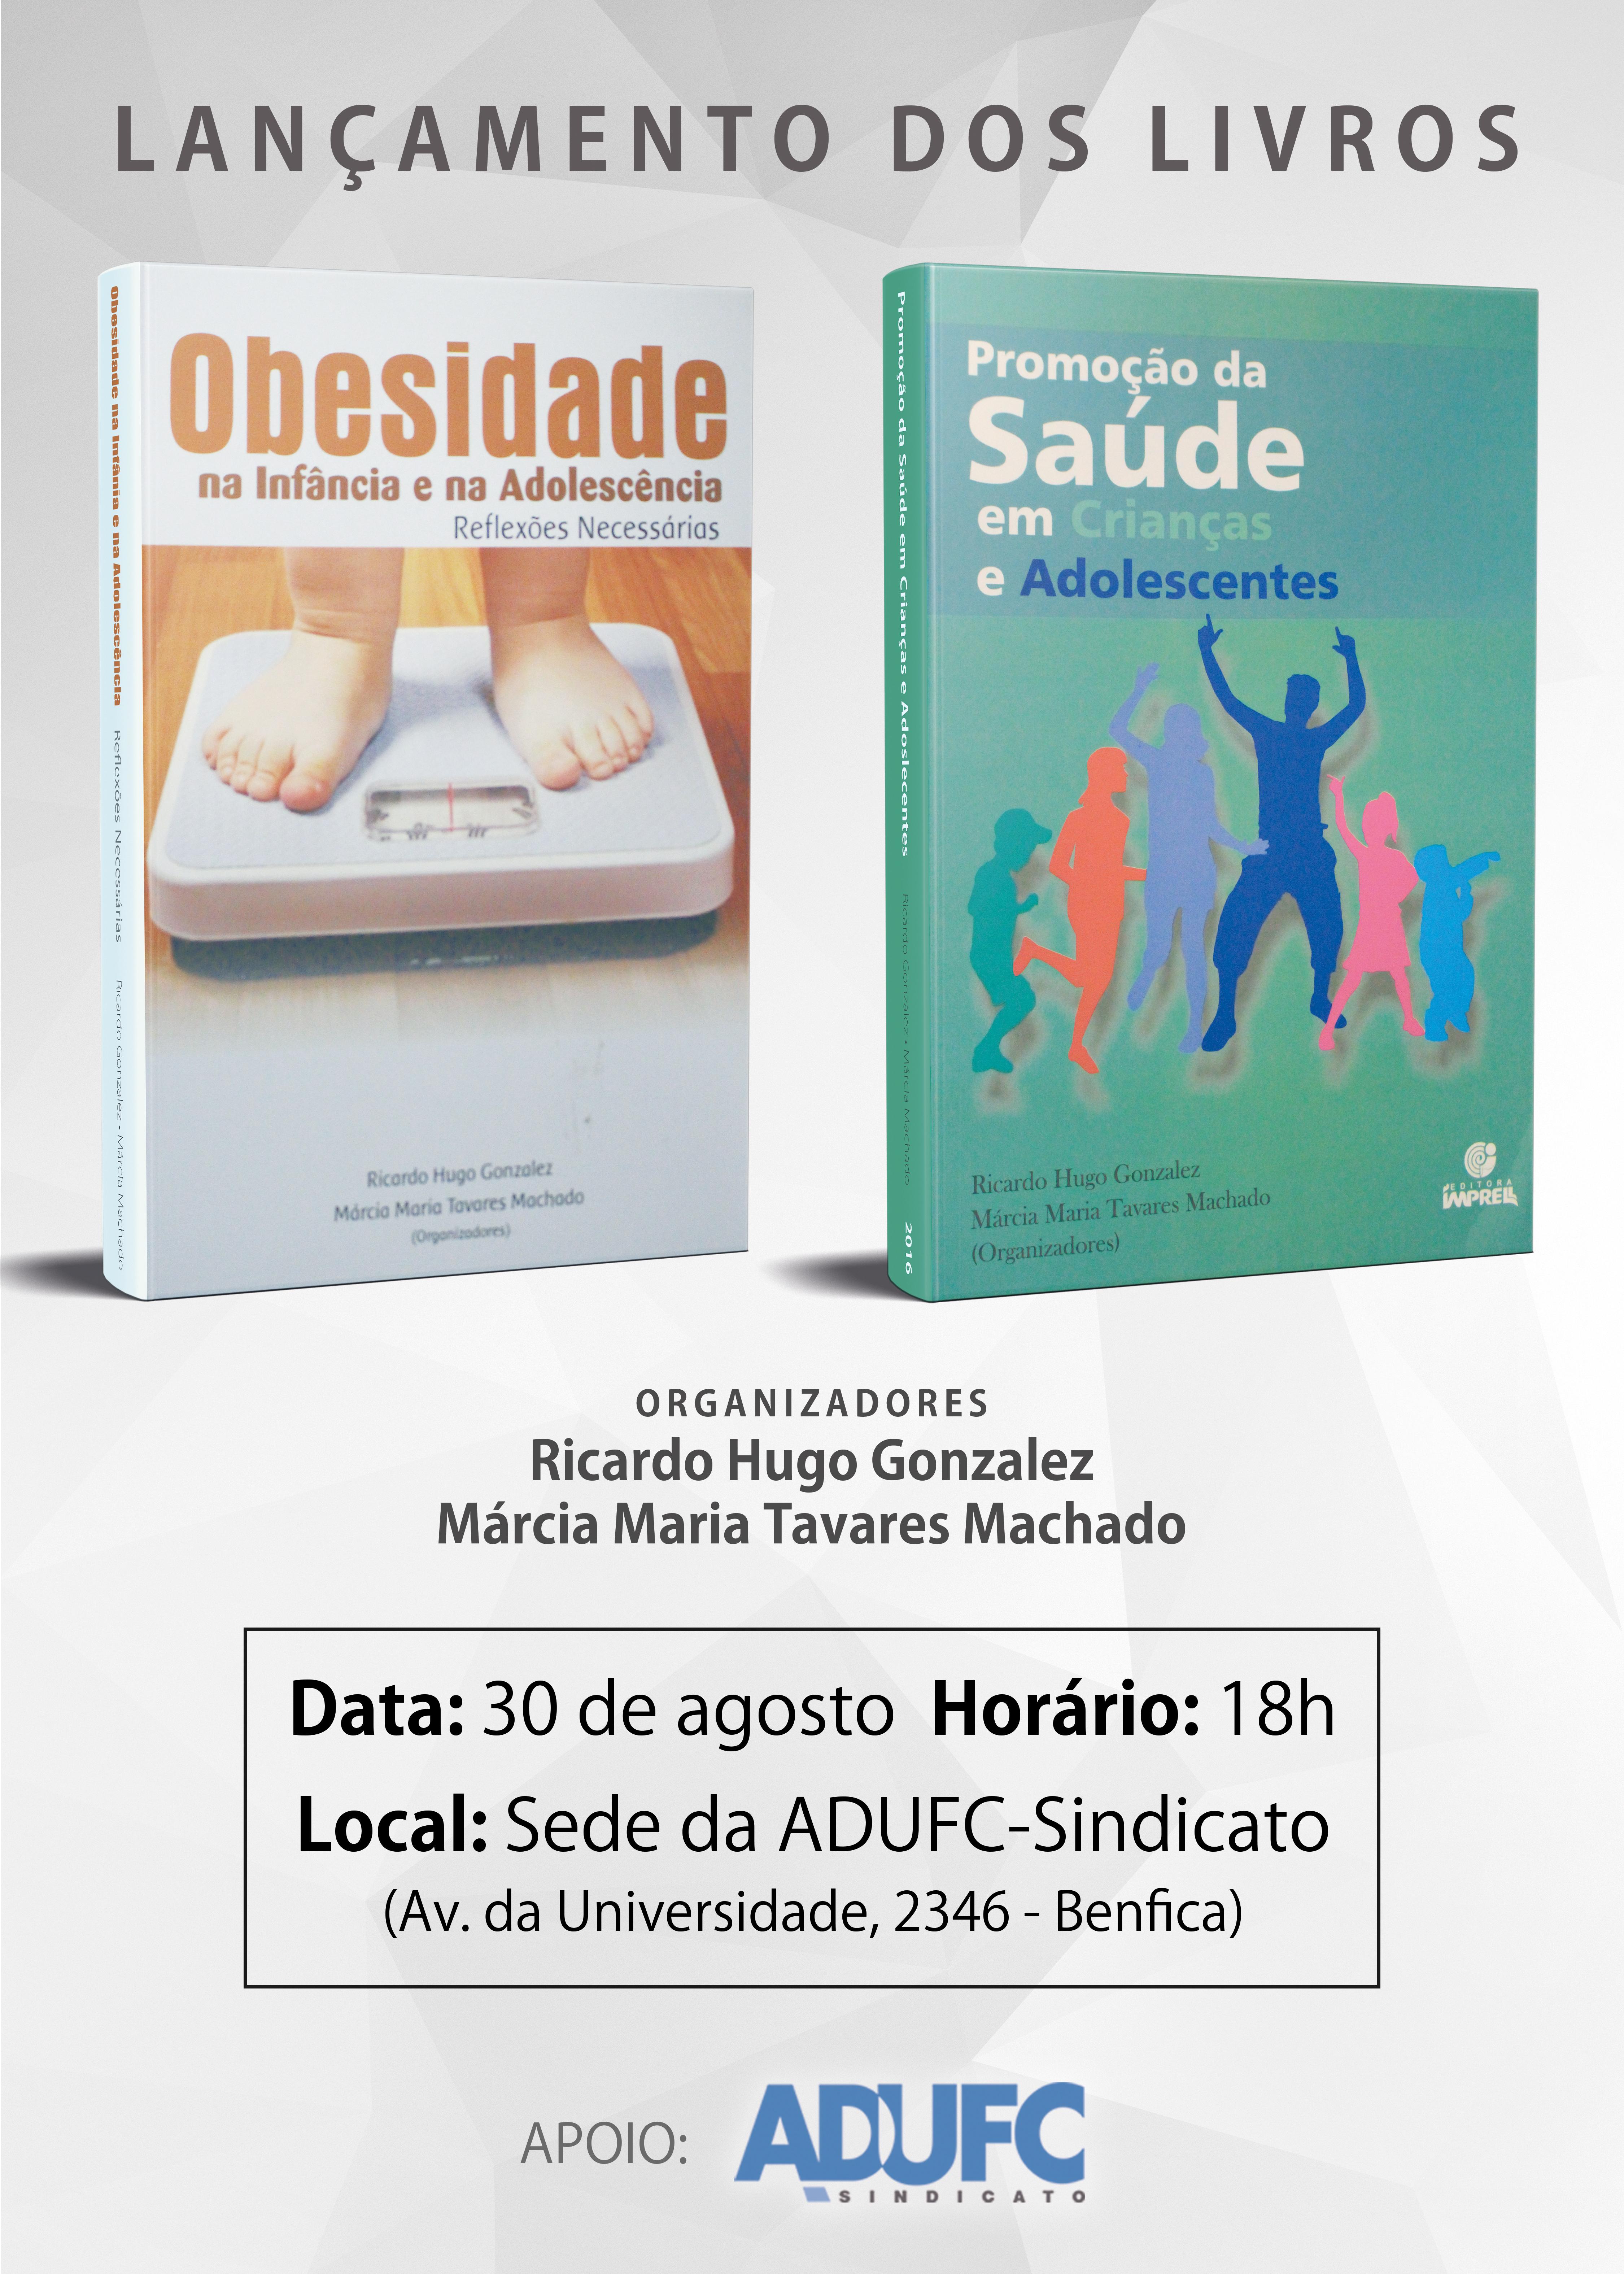 """Convite – Lançamento dos livros """"Obesidade na Infância e na Adolescência – Reflexões Necessárias"""" e """"Promoção da Saúde em Crianças e Adolescentes"""""""